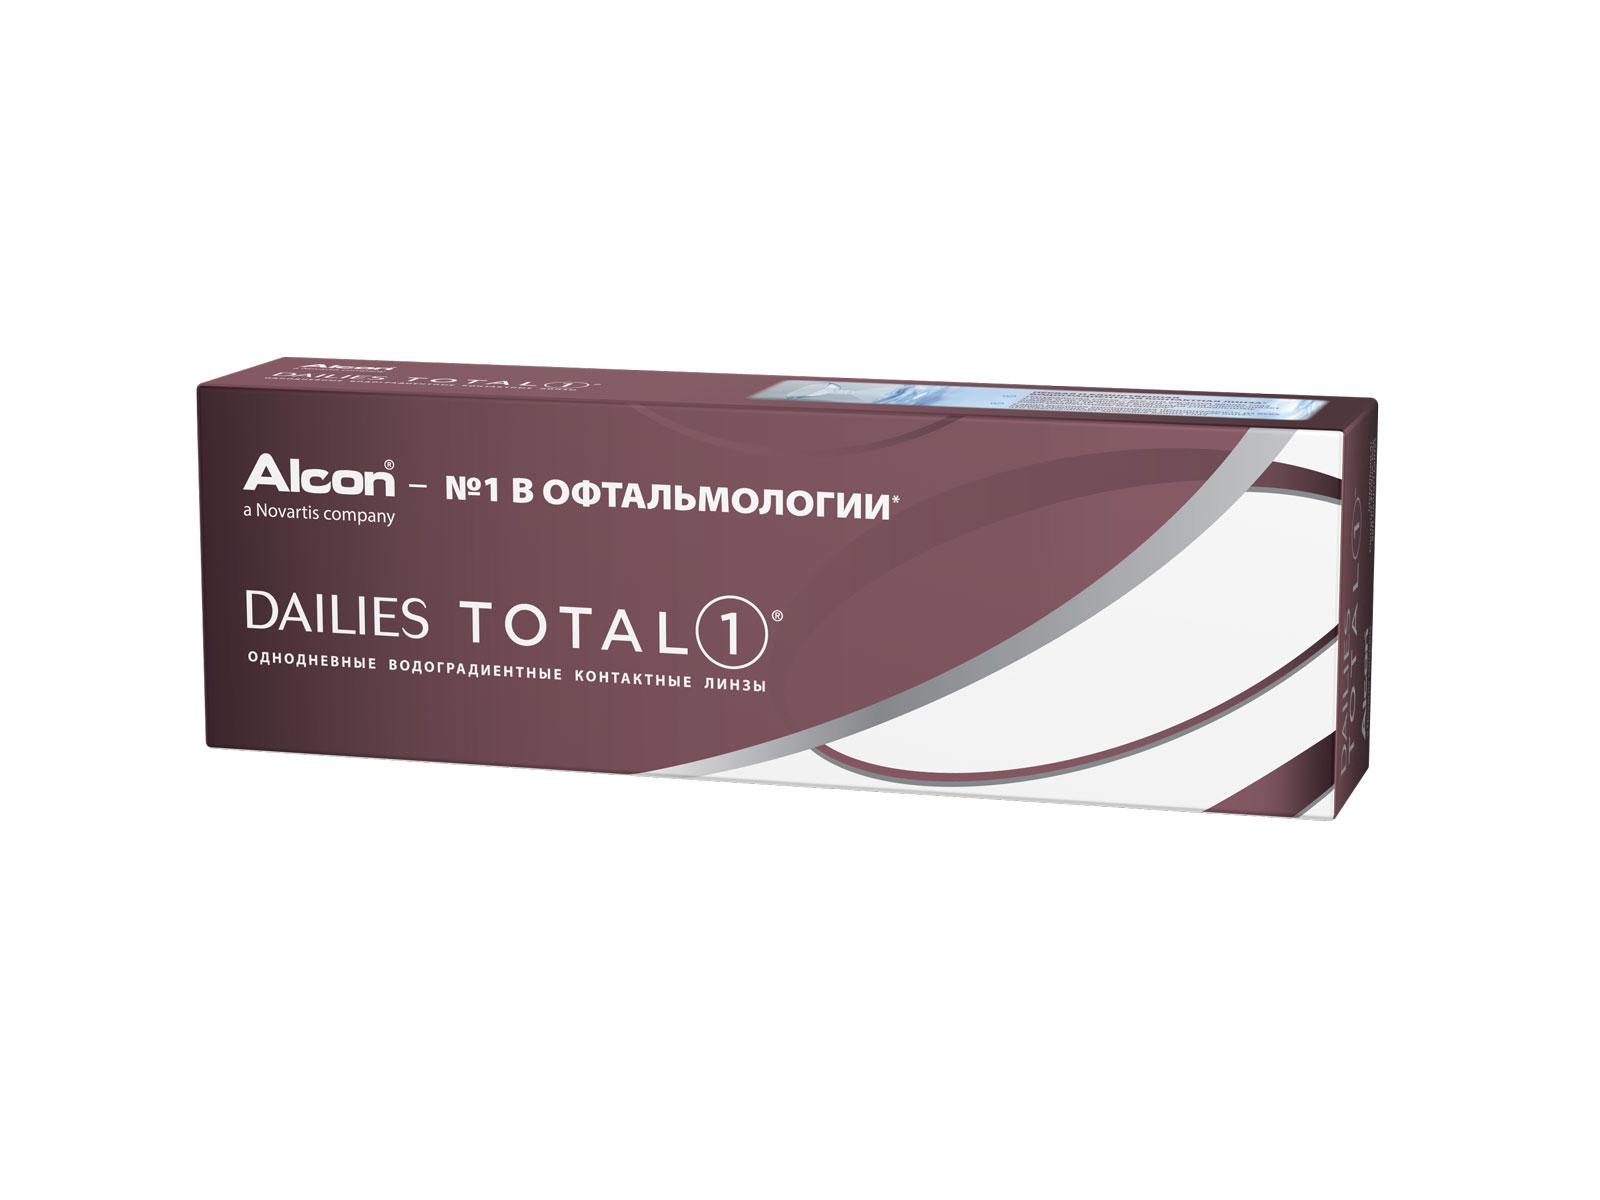 Alcon контактные линзы Dailies Total 1 30pk /-12.00 / 8.5 / 14.1100027315Dailies Total 1 – линзы, которые не чувствуешь с утра и до поздного вечера. Эти однодневные контактные линзы выполнены из уникального водоградиентного материала, багодаря которому натуральная слеза – это все, что касается ваших глаз. Почти 100% влаги на поверхности обеспечивают непревзойденный комфорт до 16 часов ношения.